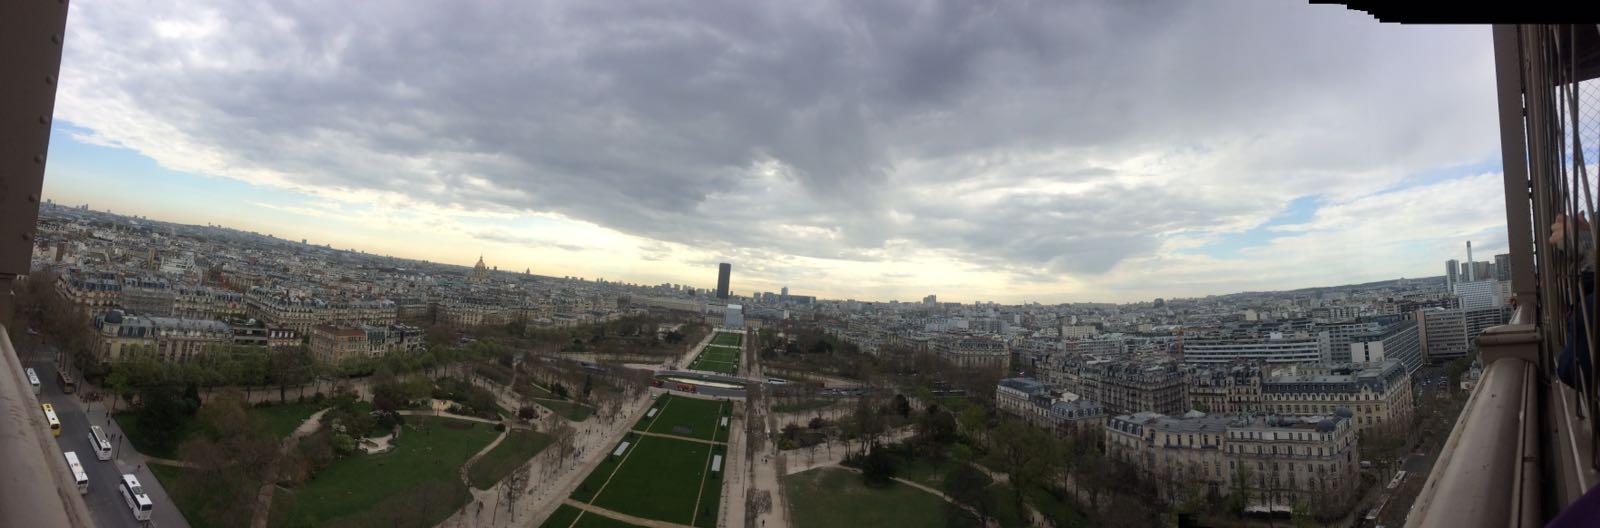 Ciudad Sostenible Paris Foro de las Ciudades